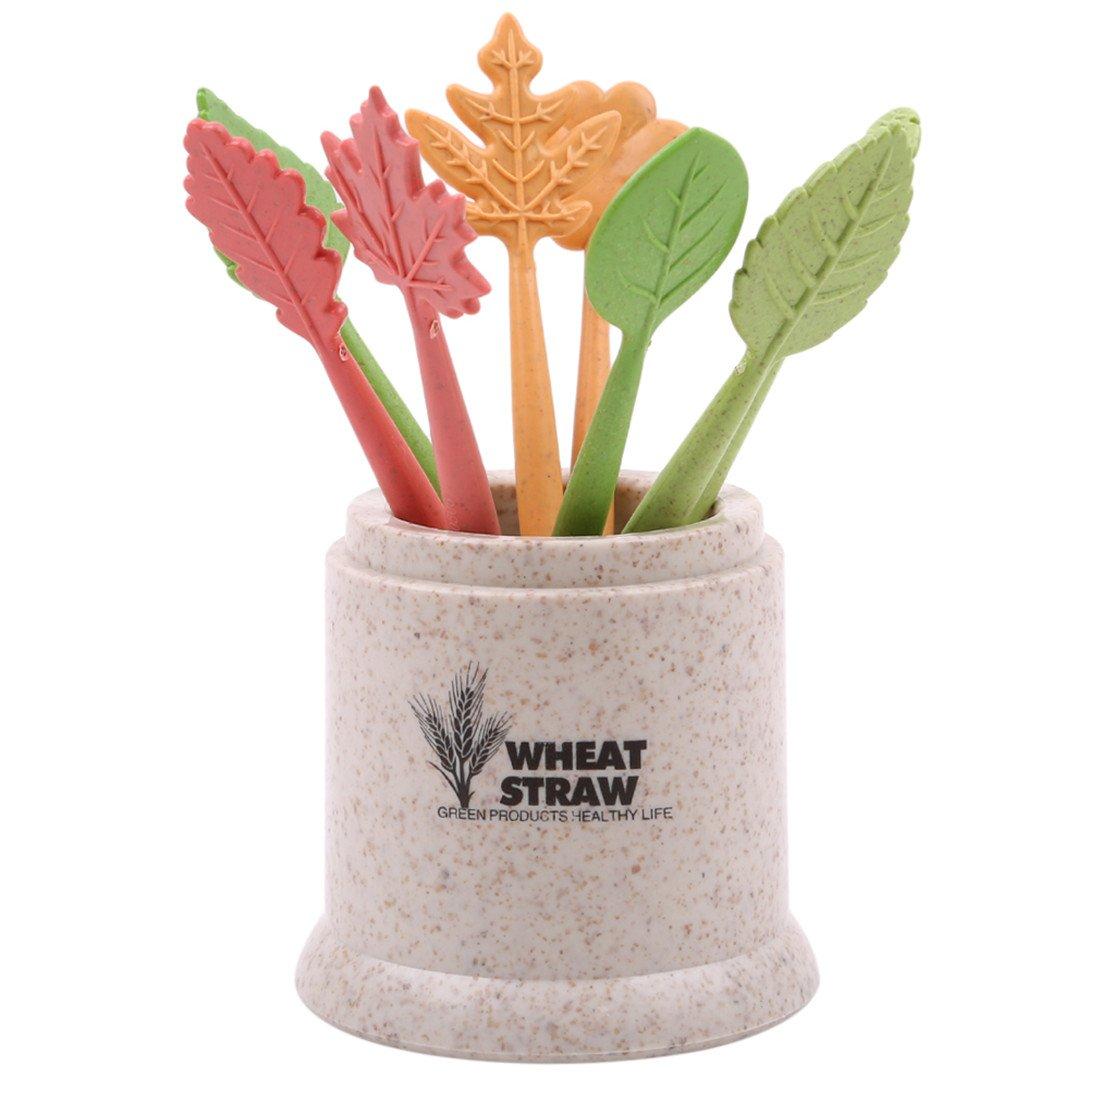 VWH 8pcs Fruit Dessert Forks Natural Wheat Straw Cute Cake Salad Vegetable Food Appetizer Picks Forks (beige)